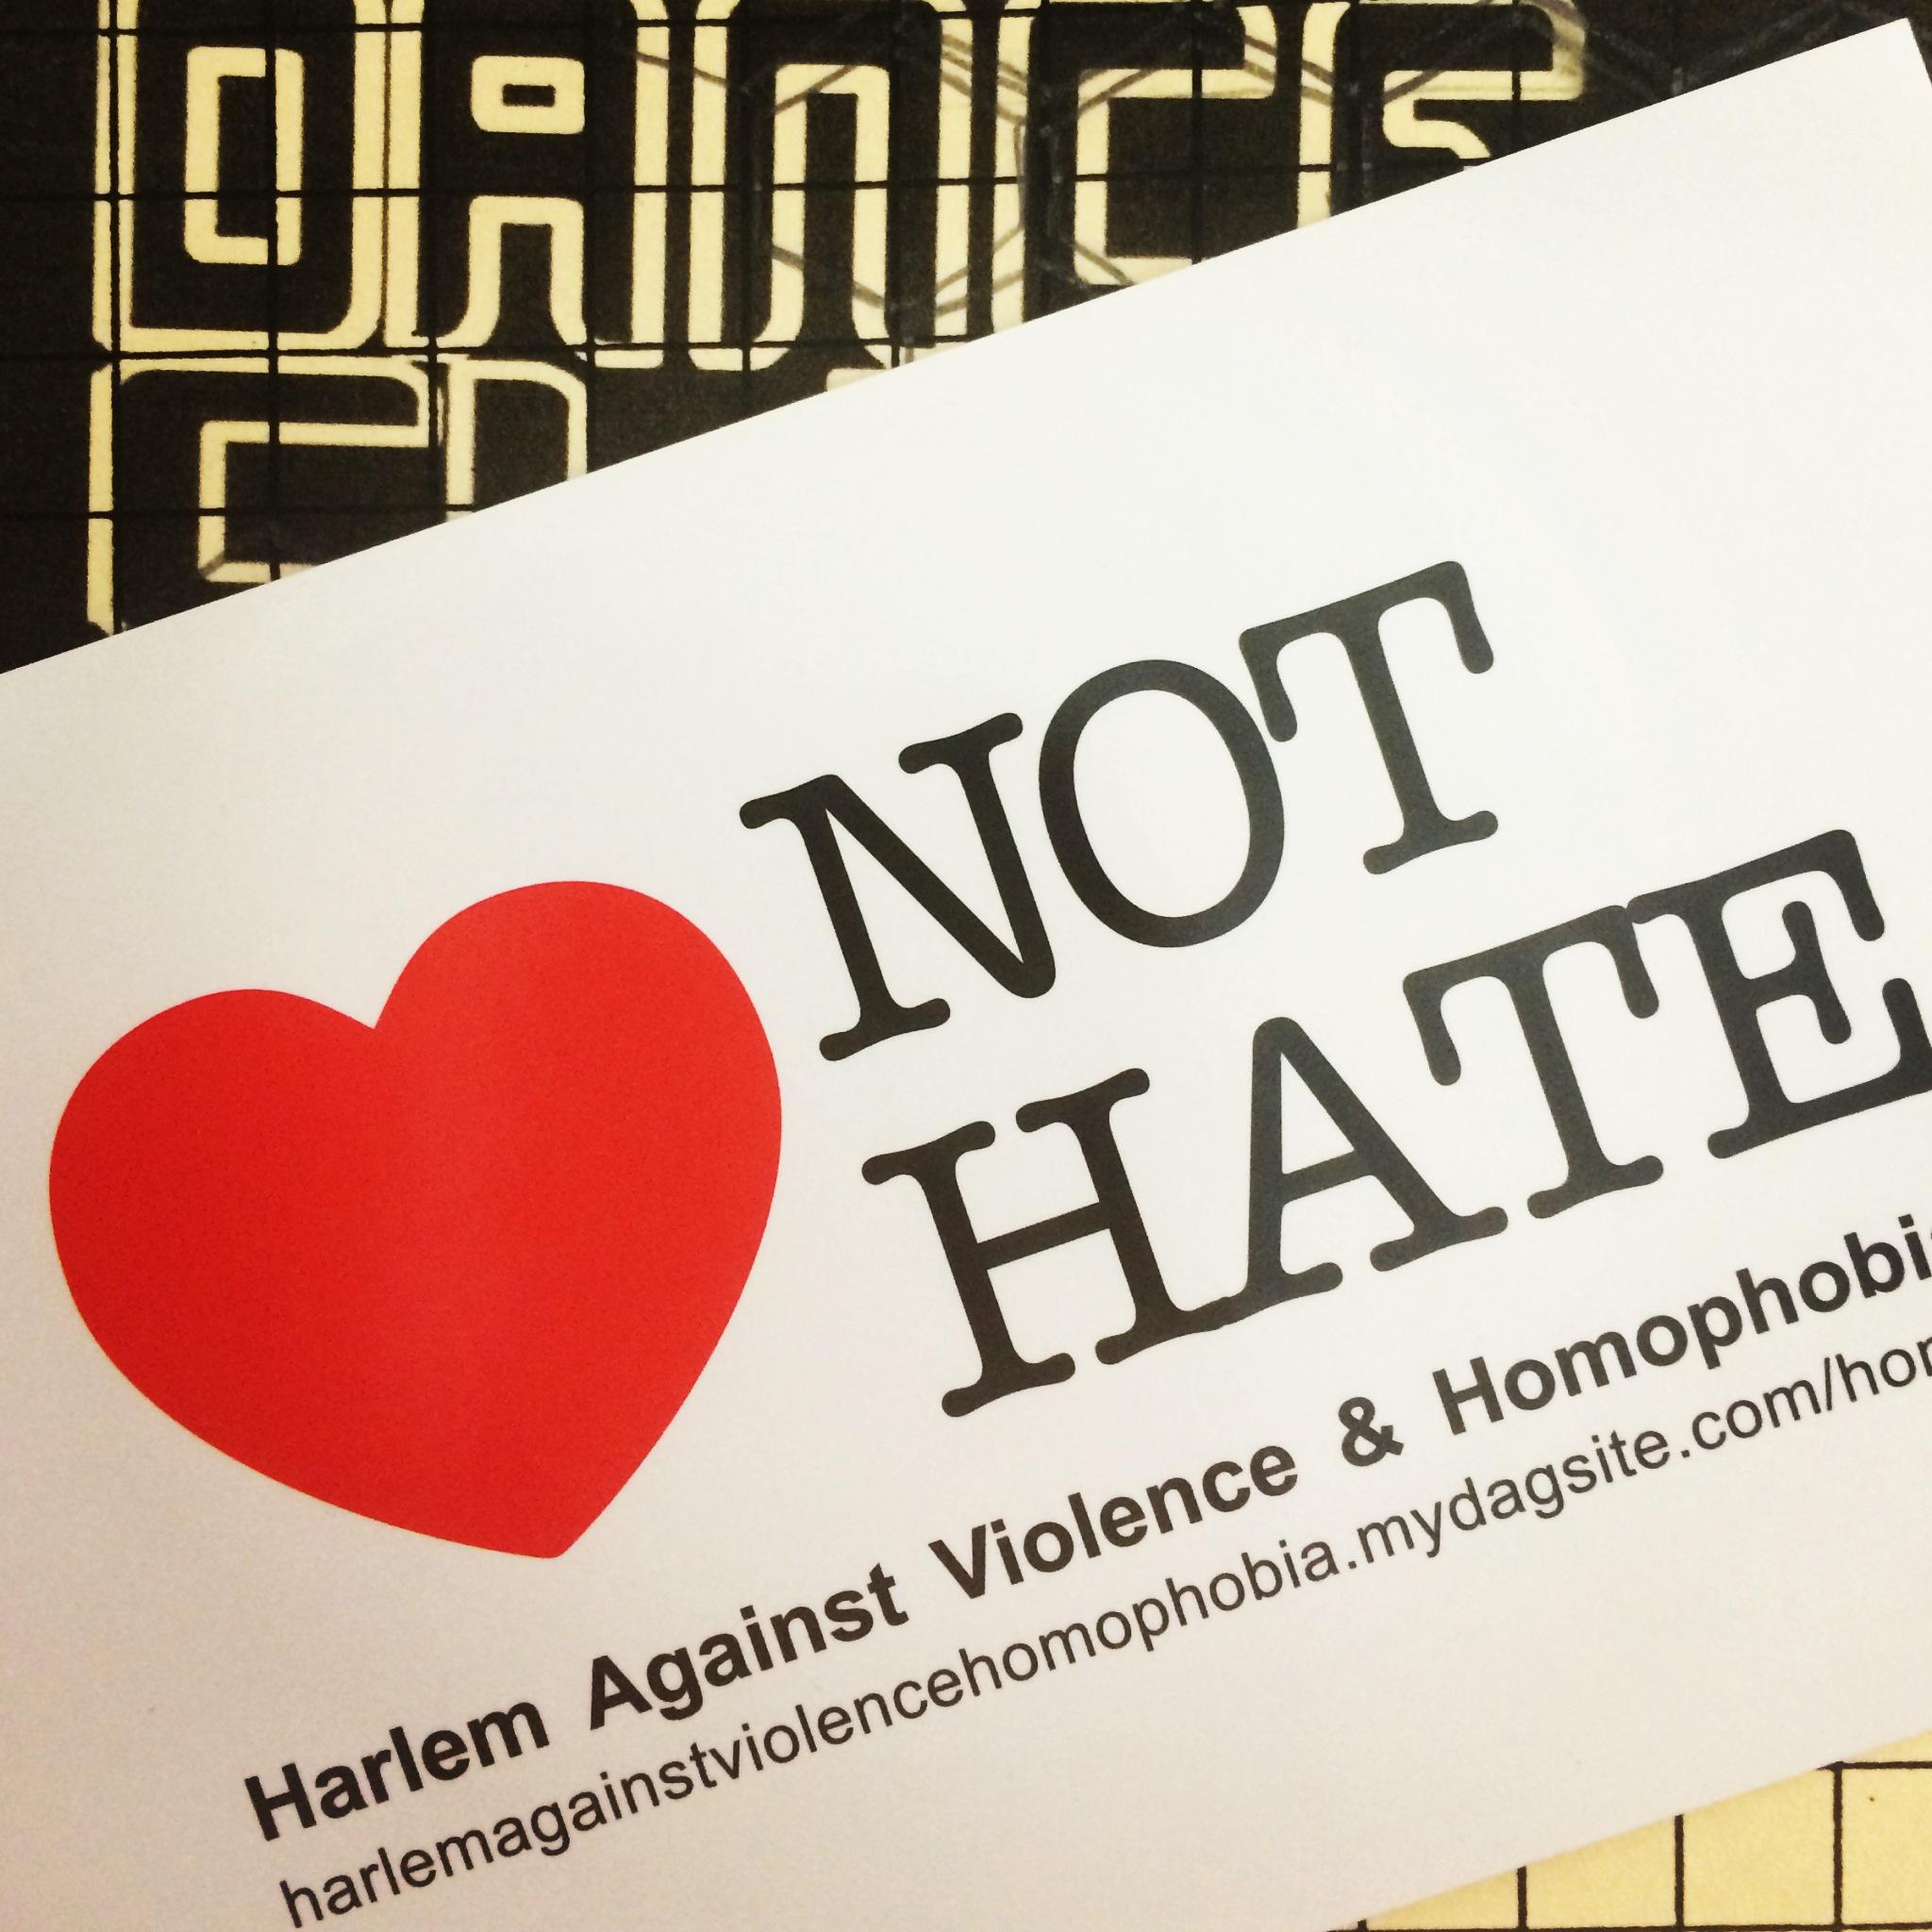 harlem against hate.JPG